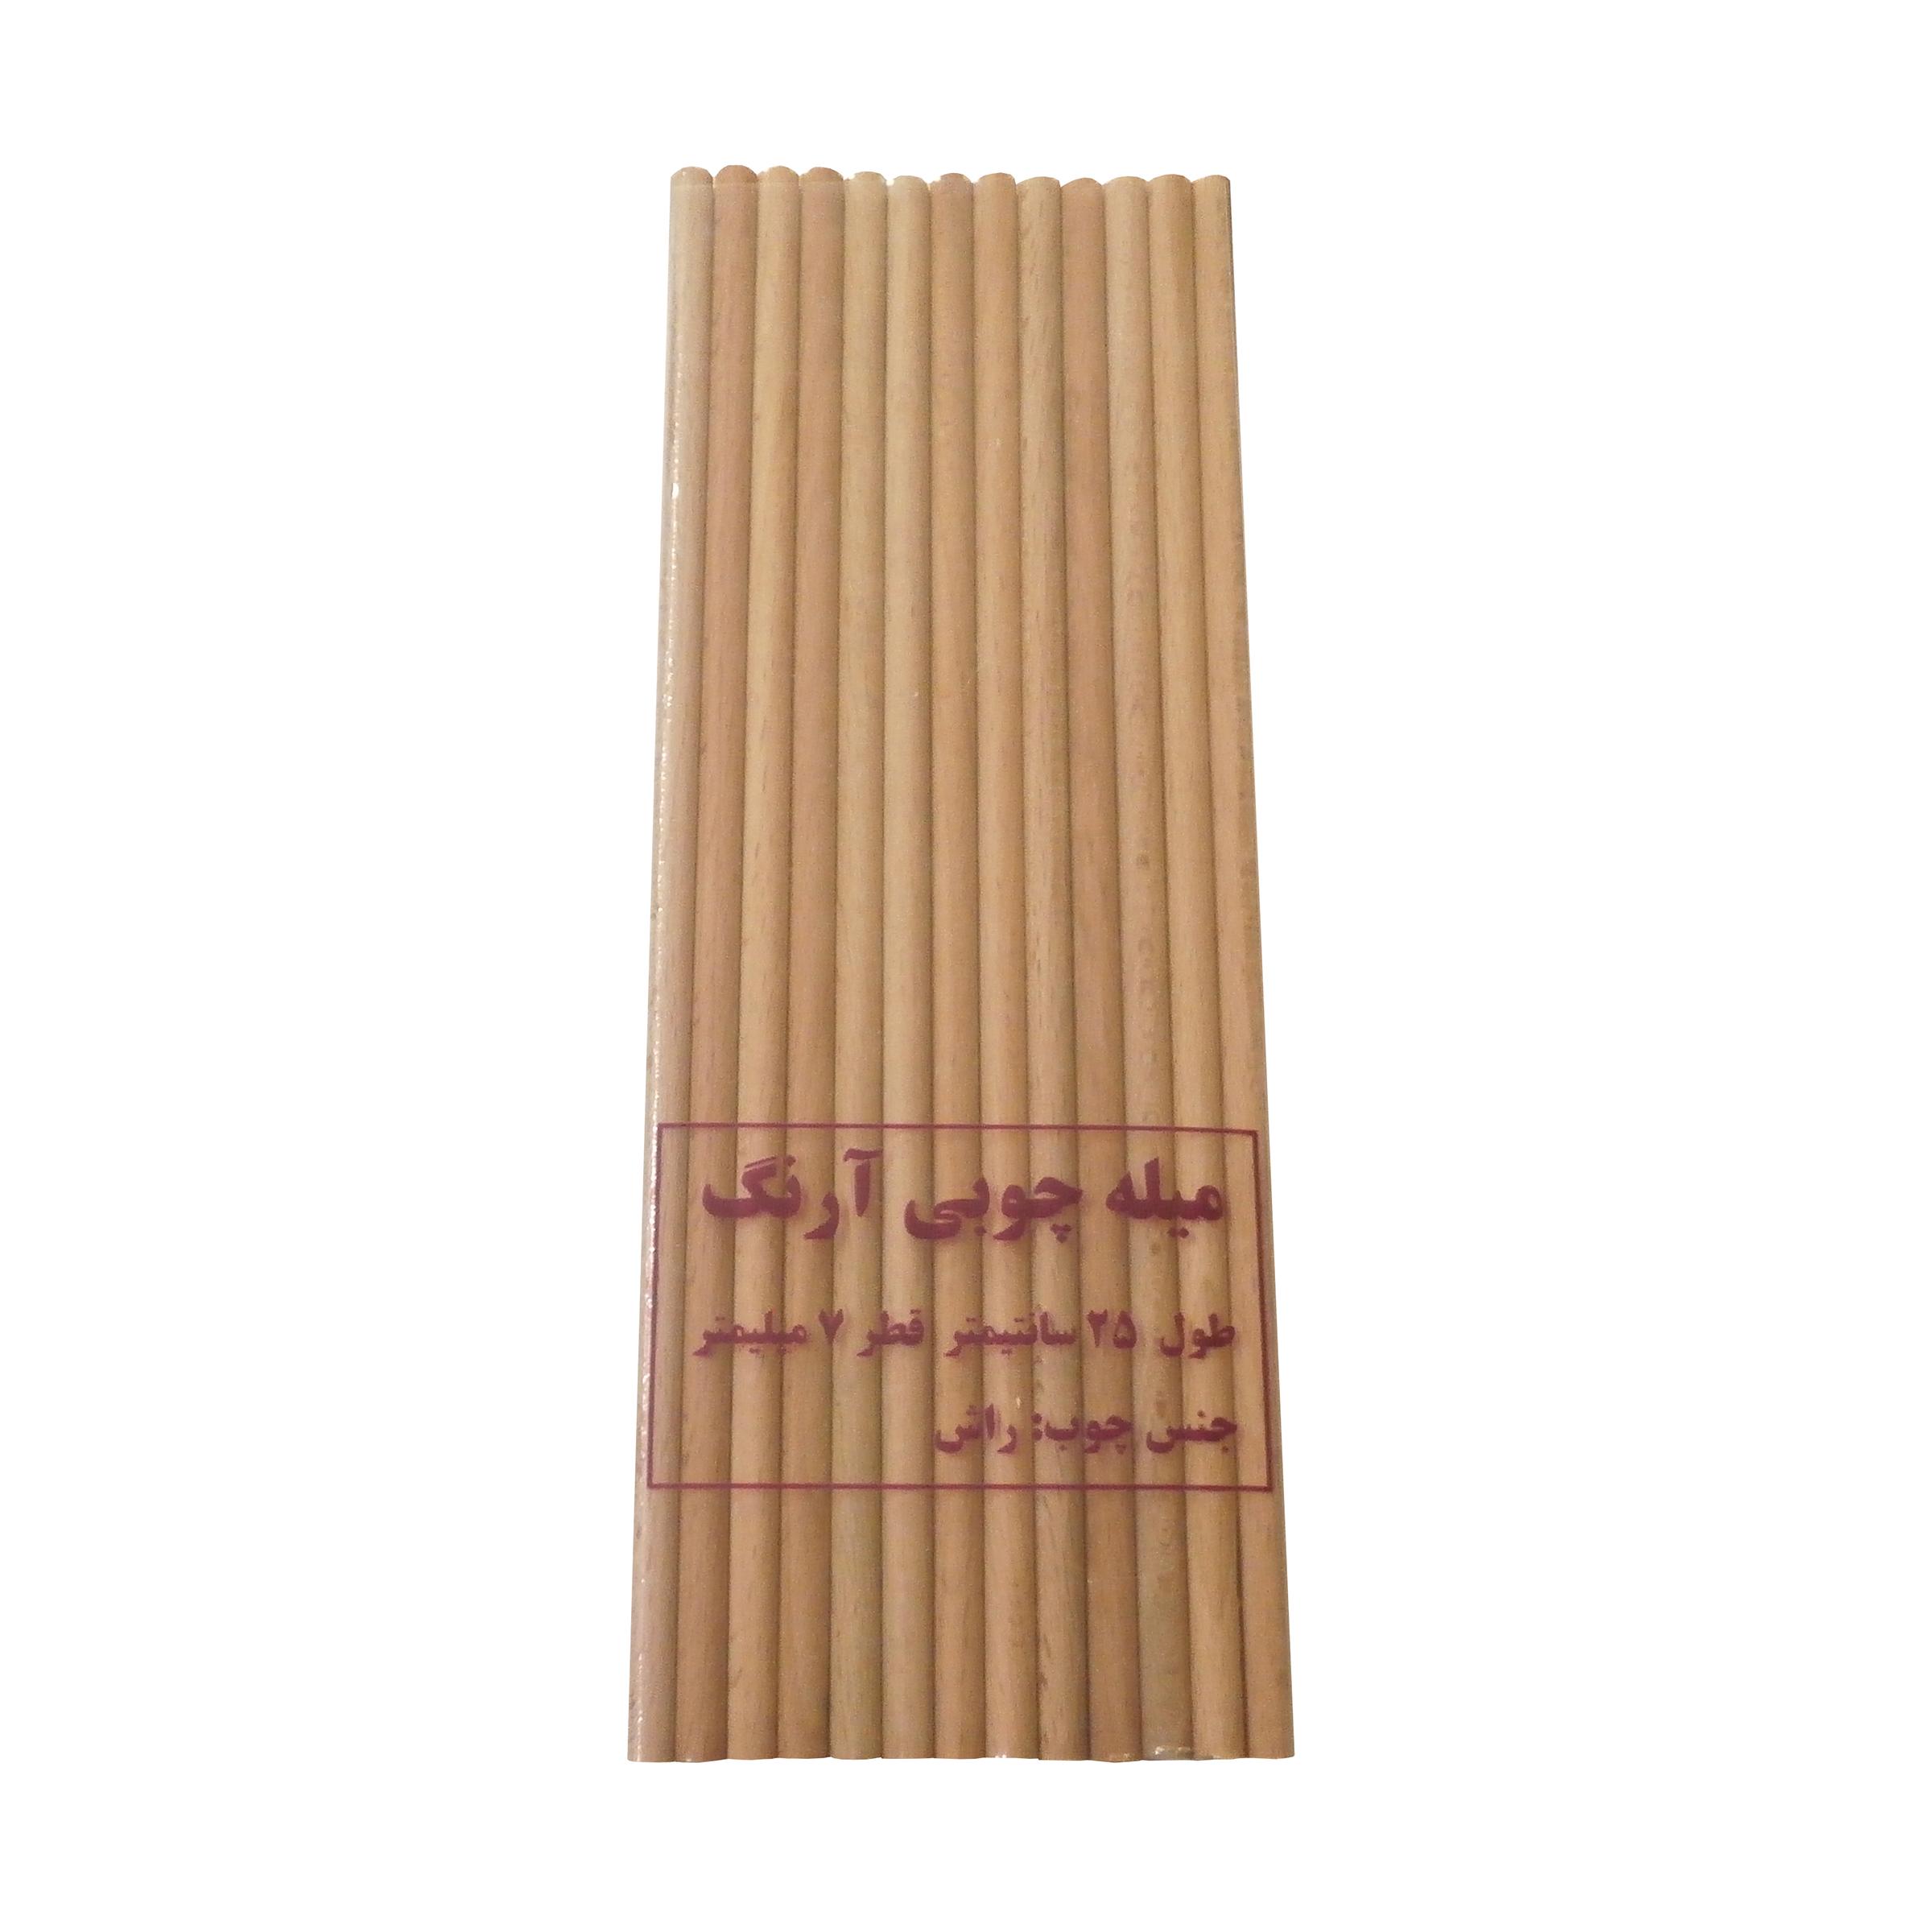 میله چوبی آرنگ مدل MIL_R_2507_20 بسته 20 عددی